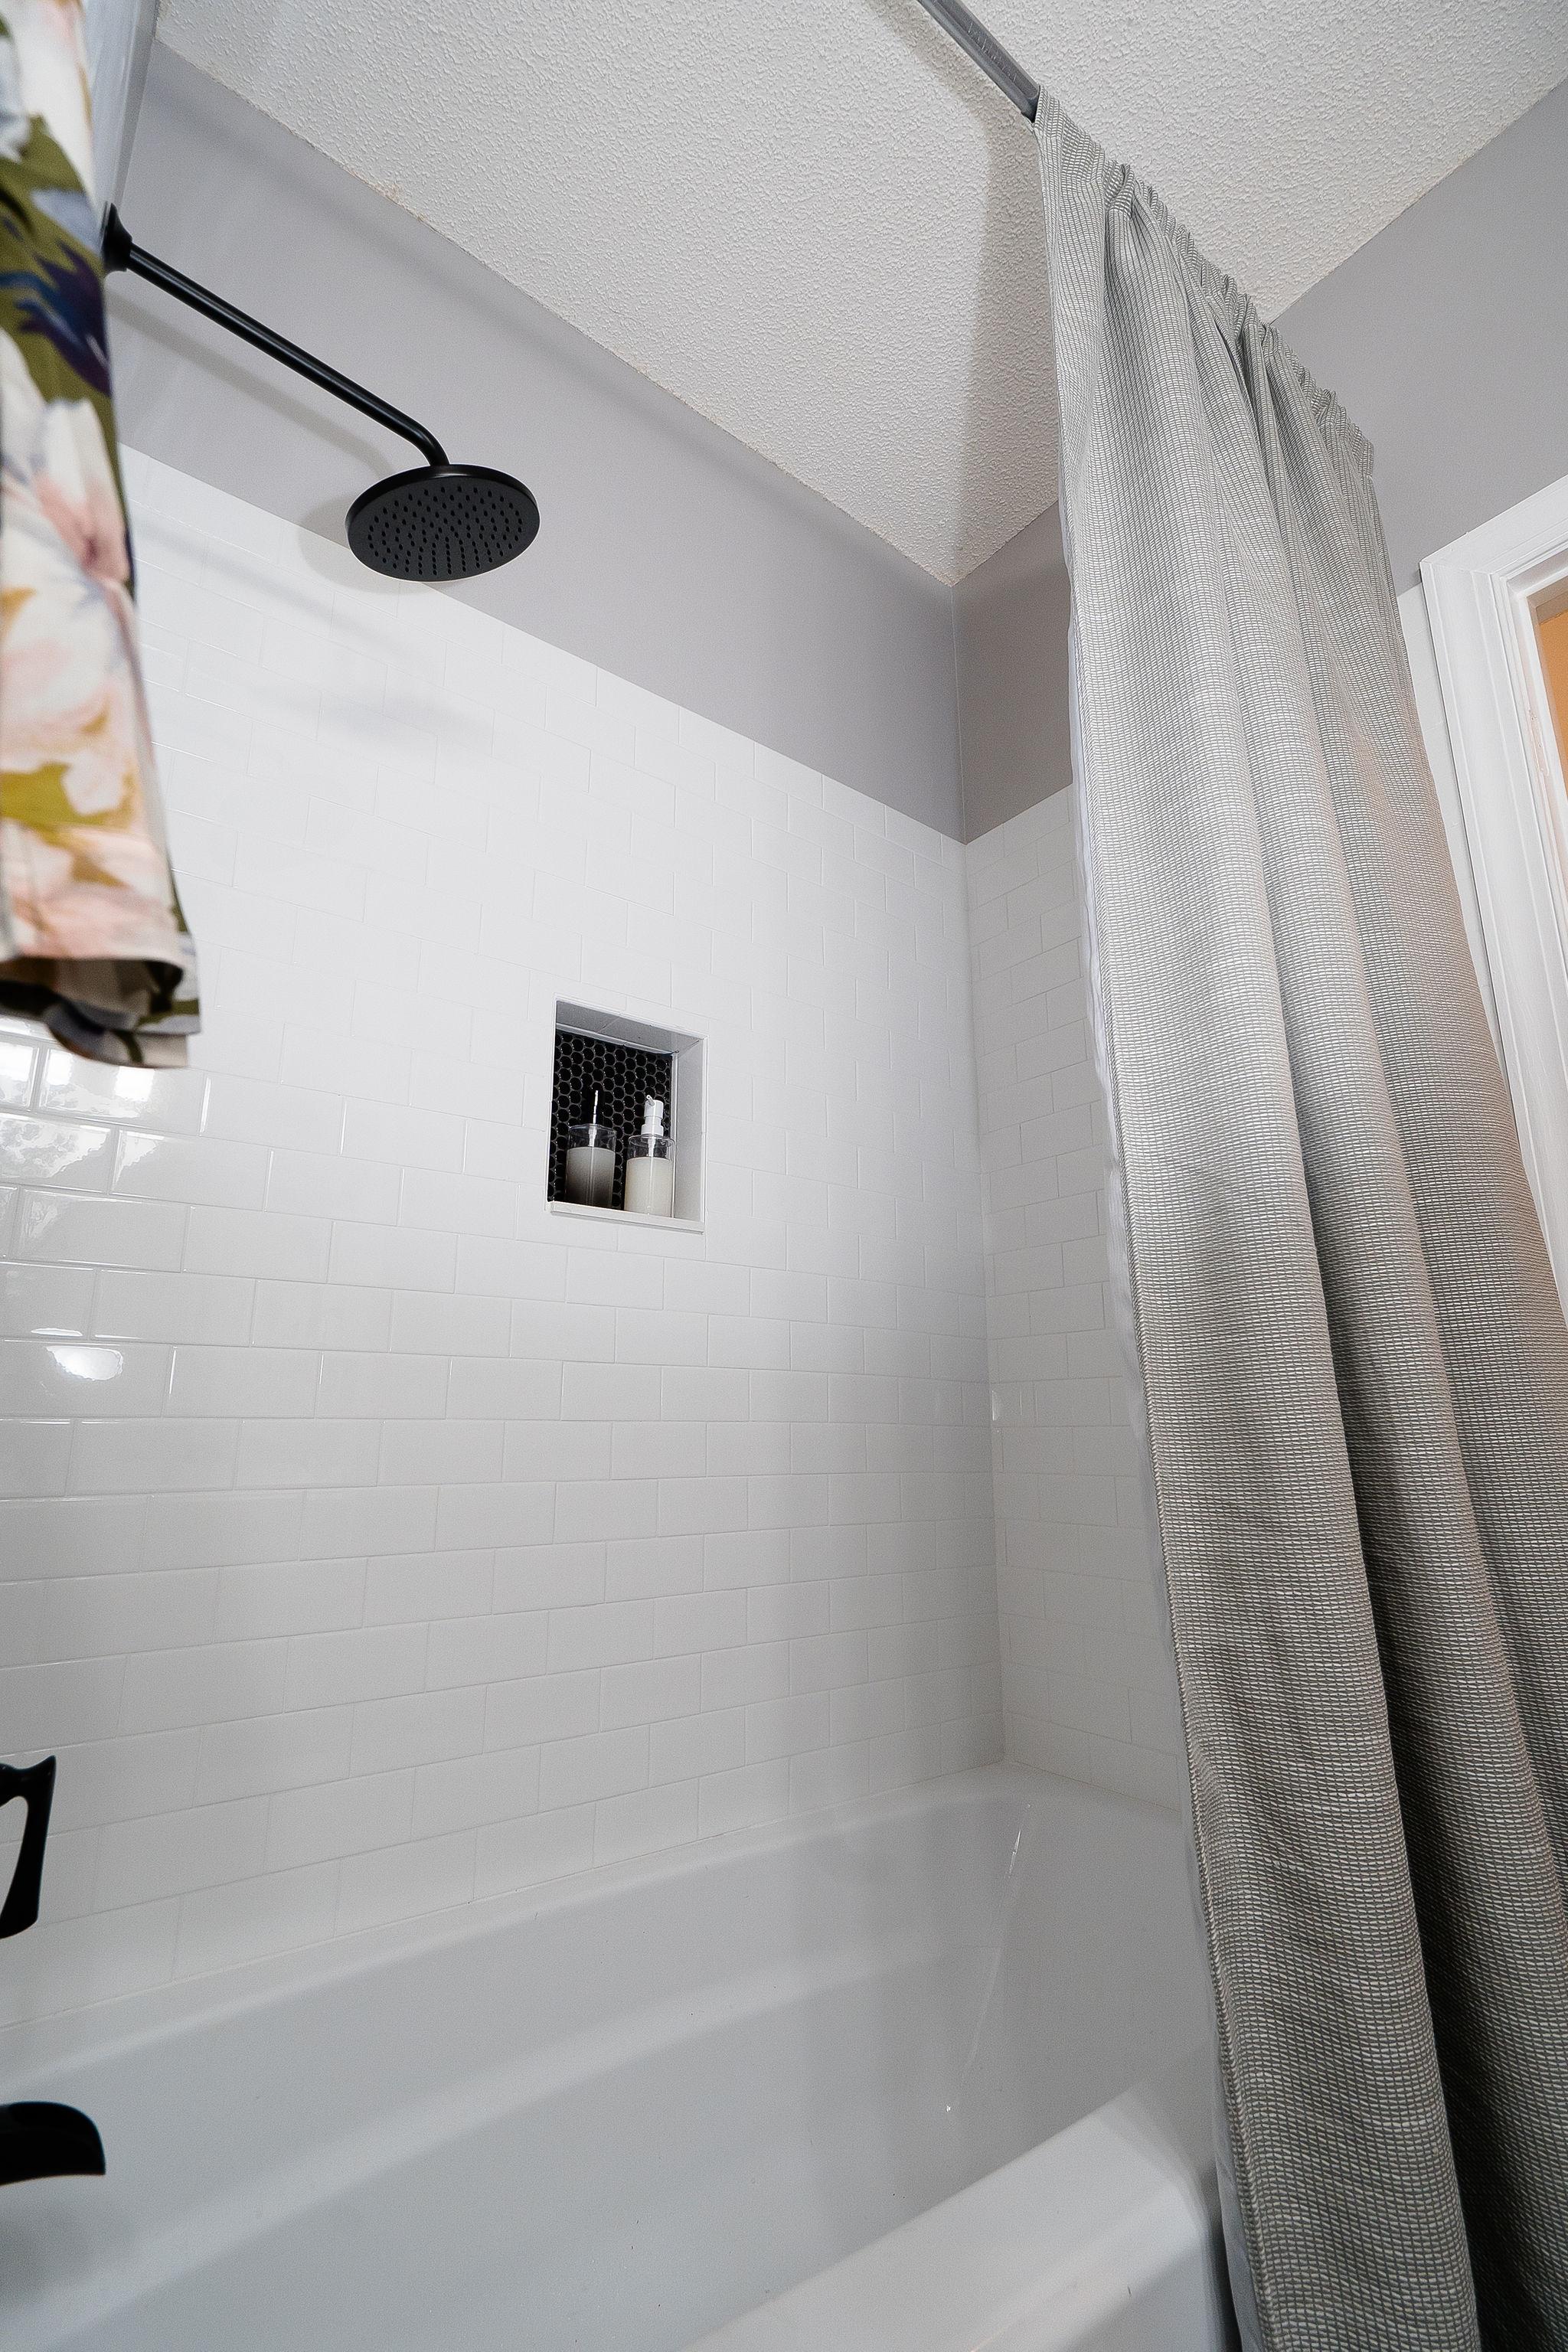 Niki McNeill Raleigh NC Interior Designer SingleBubblePop Design Studio Bathroom Renovation Remodel Refresh Pfister faucets4.jpg